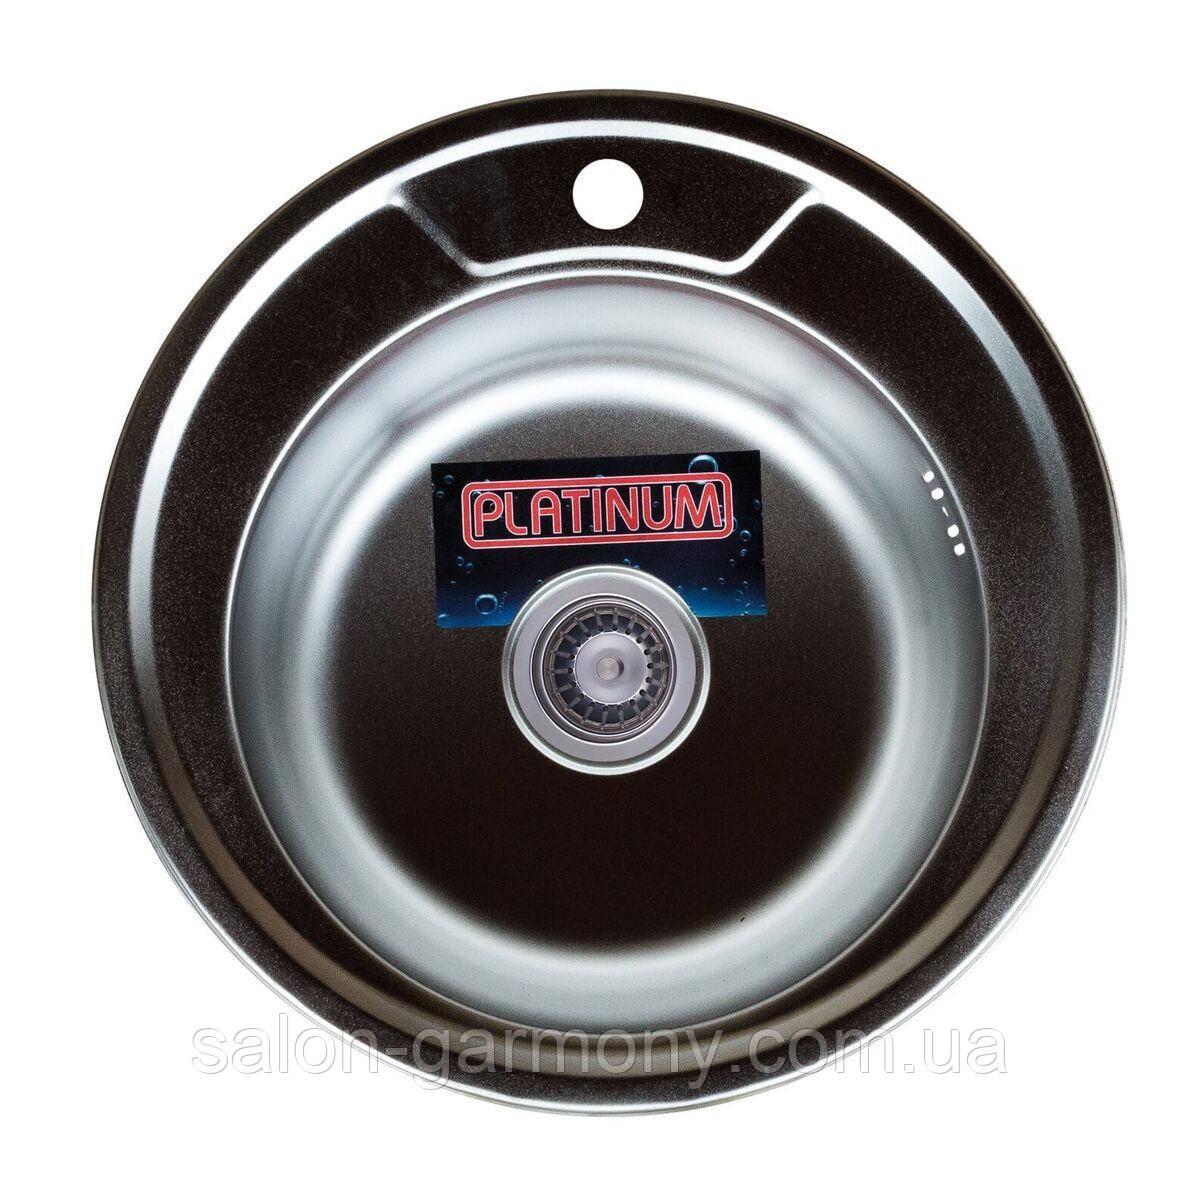 Кухонна мийка з нержавіючої сталі Platinum 490 САТИН 0,6 / 170